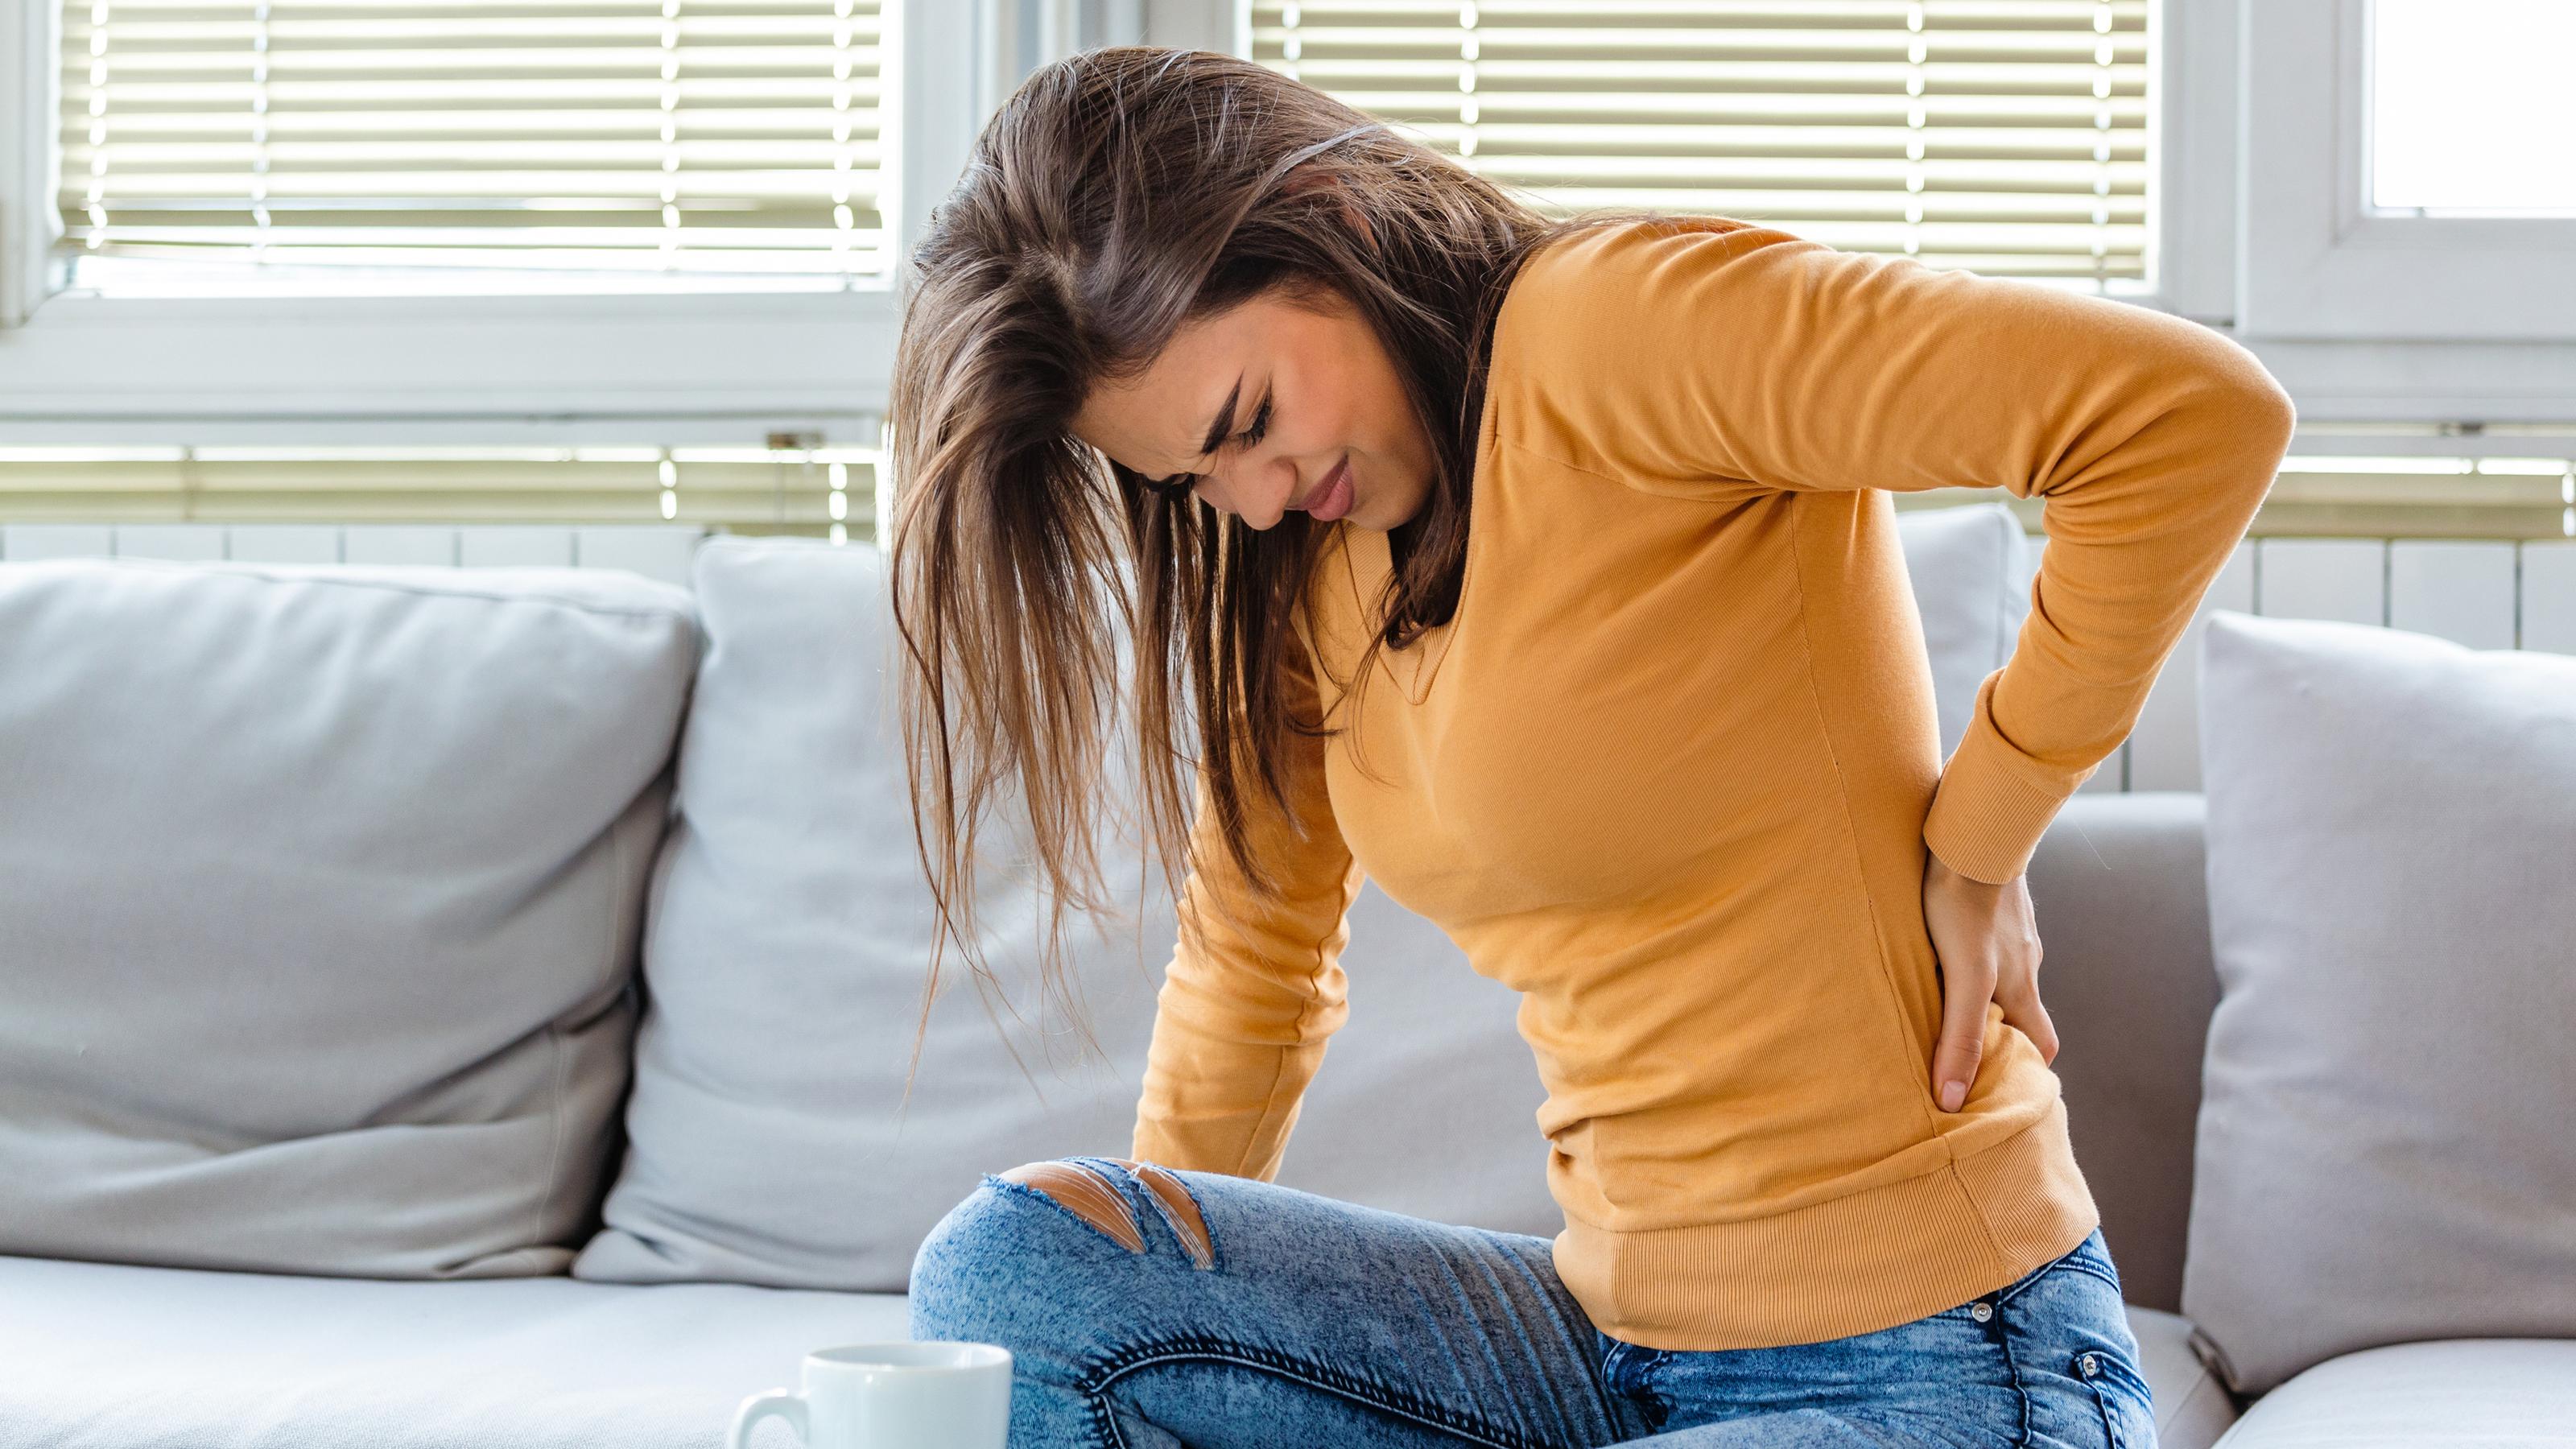 痛み 腎臓 腎臓の痛みと背部痛を区別する方法: 11